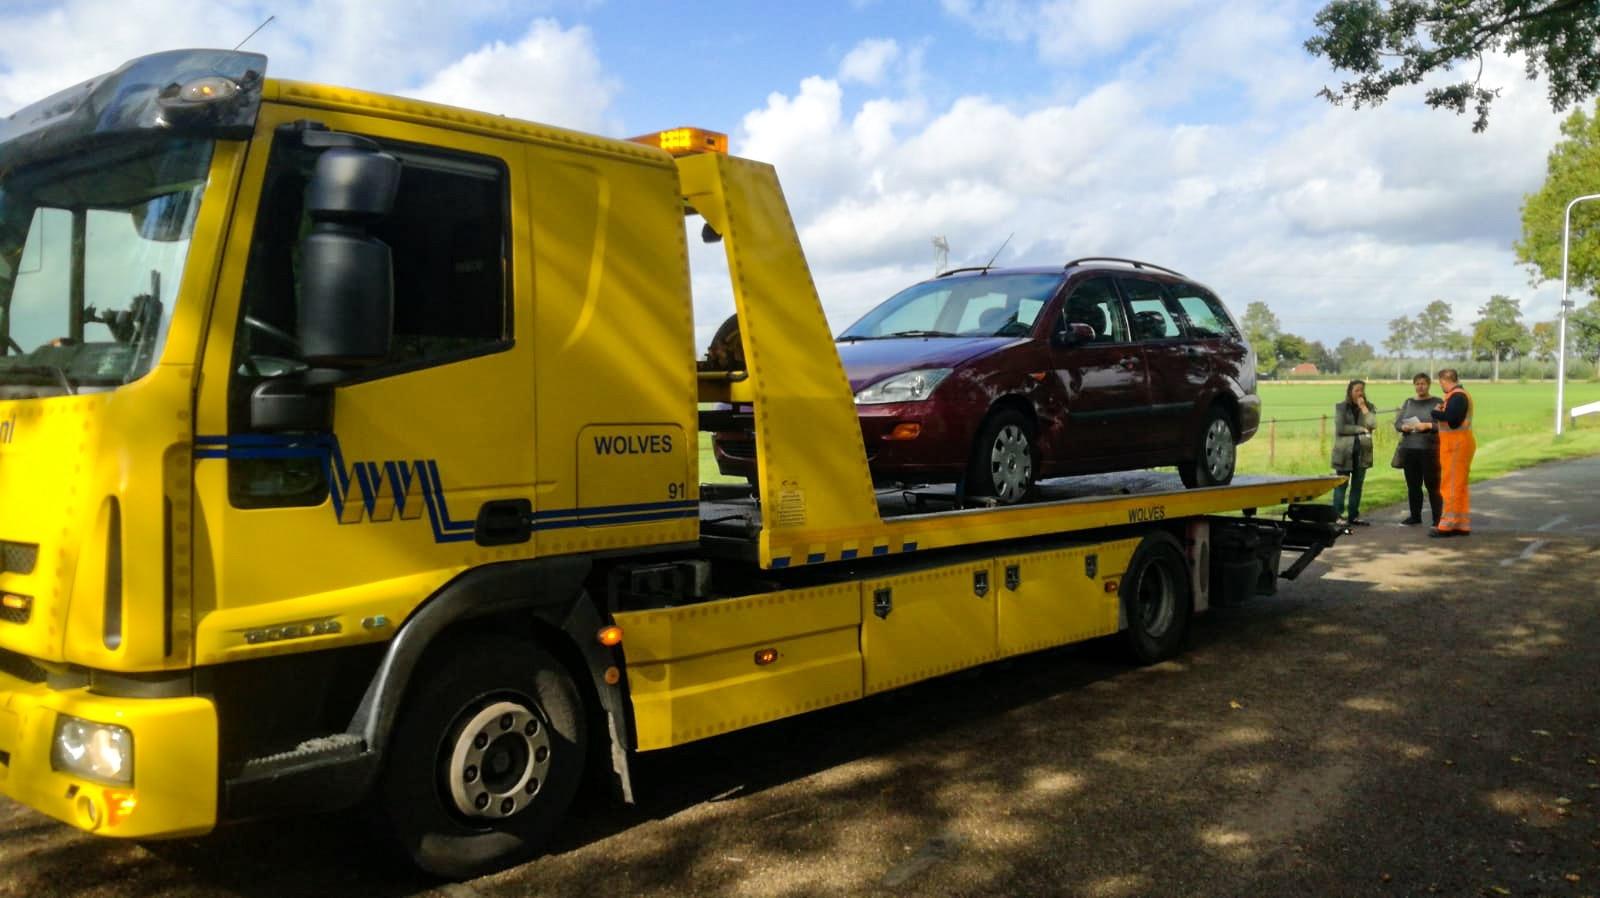 Bromfietser raakt gewond bij botsing met auto in buitengebied van Zutphen